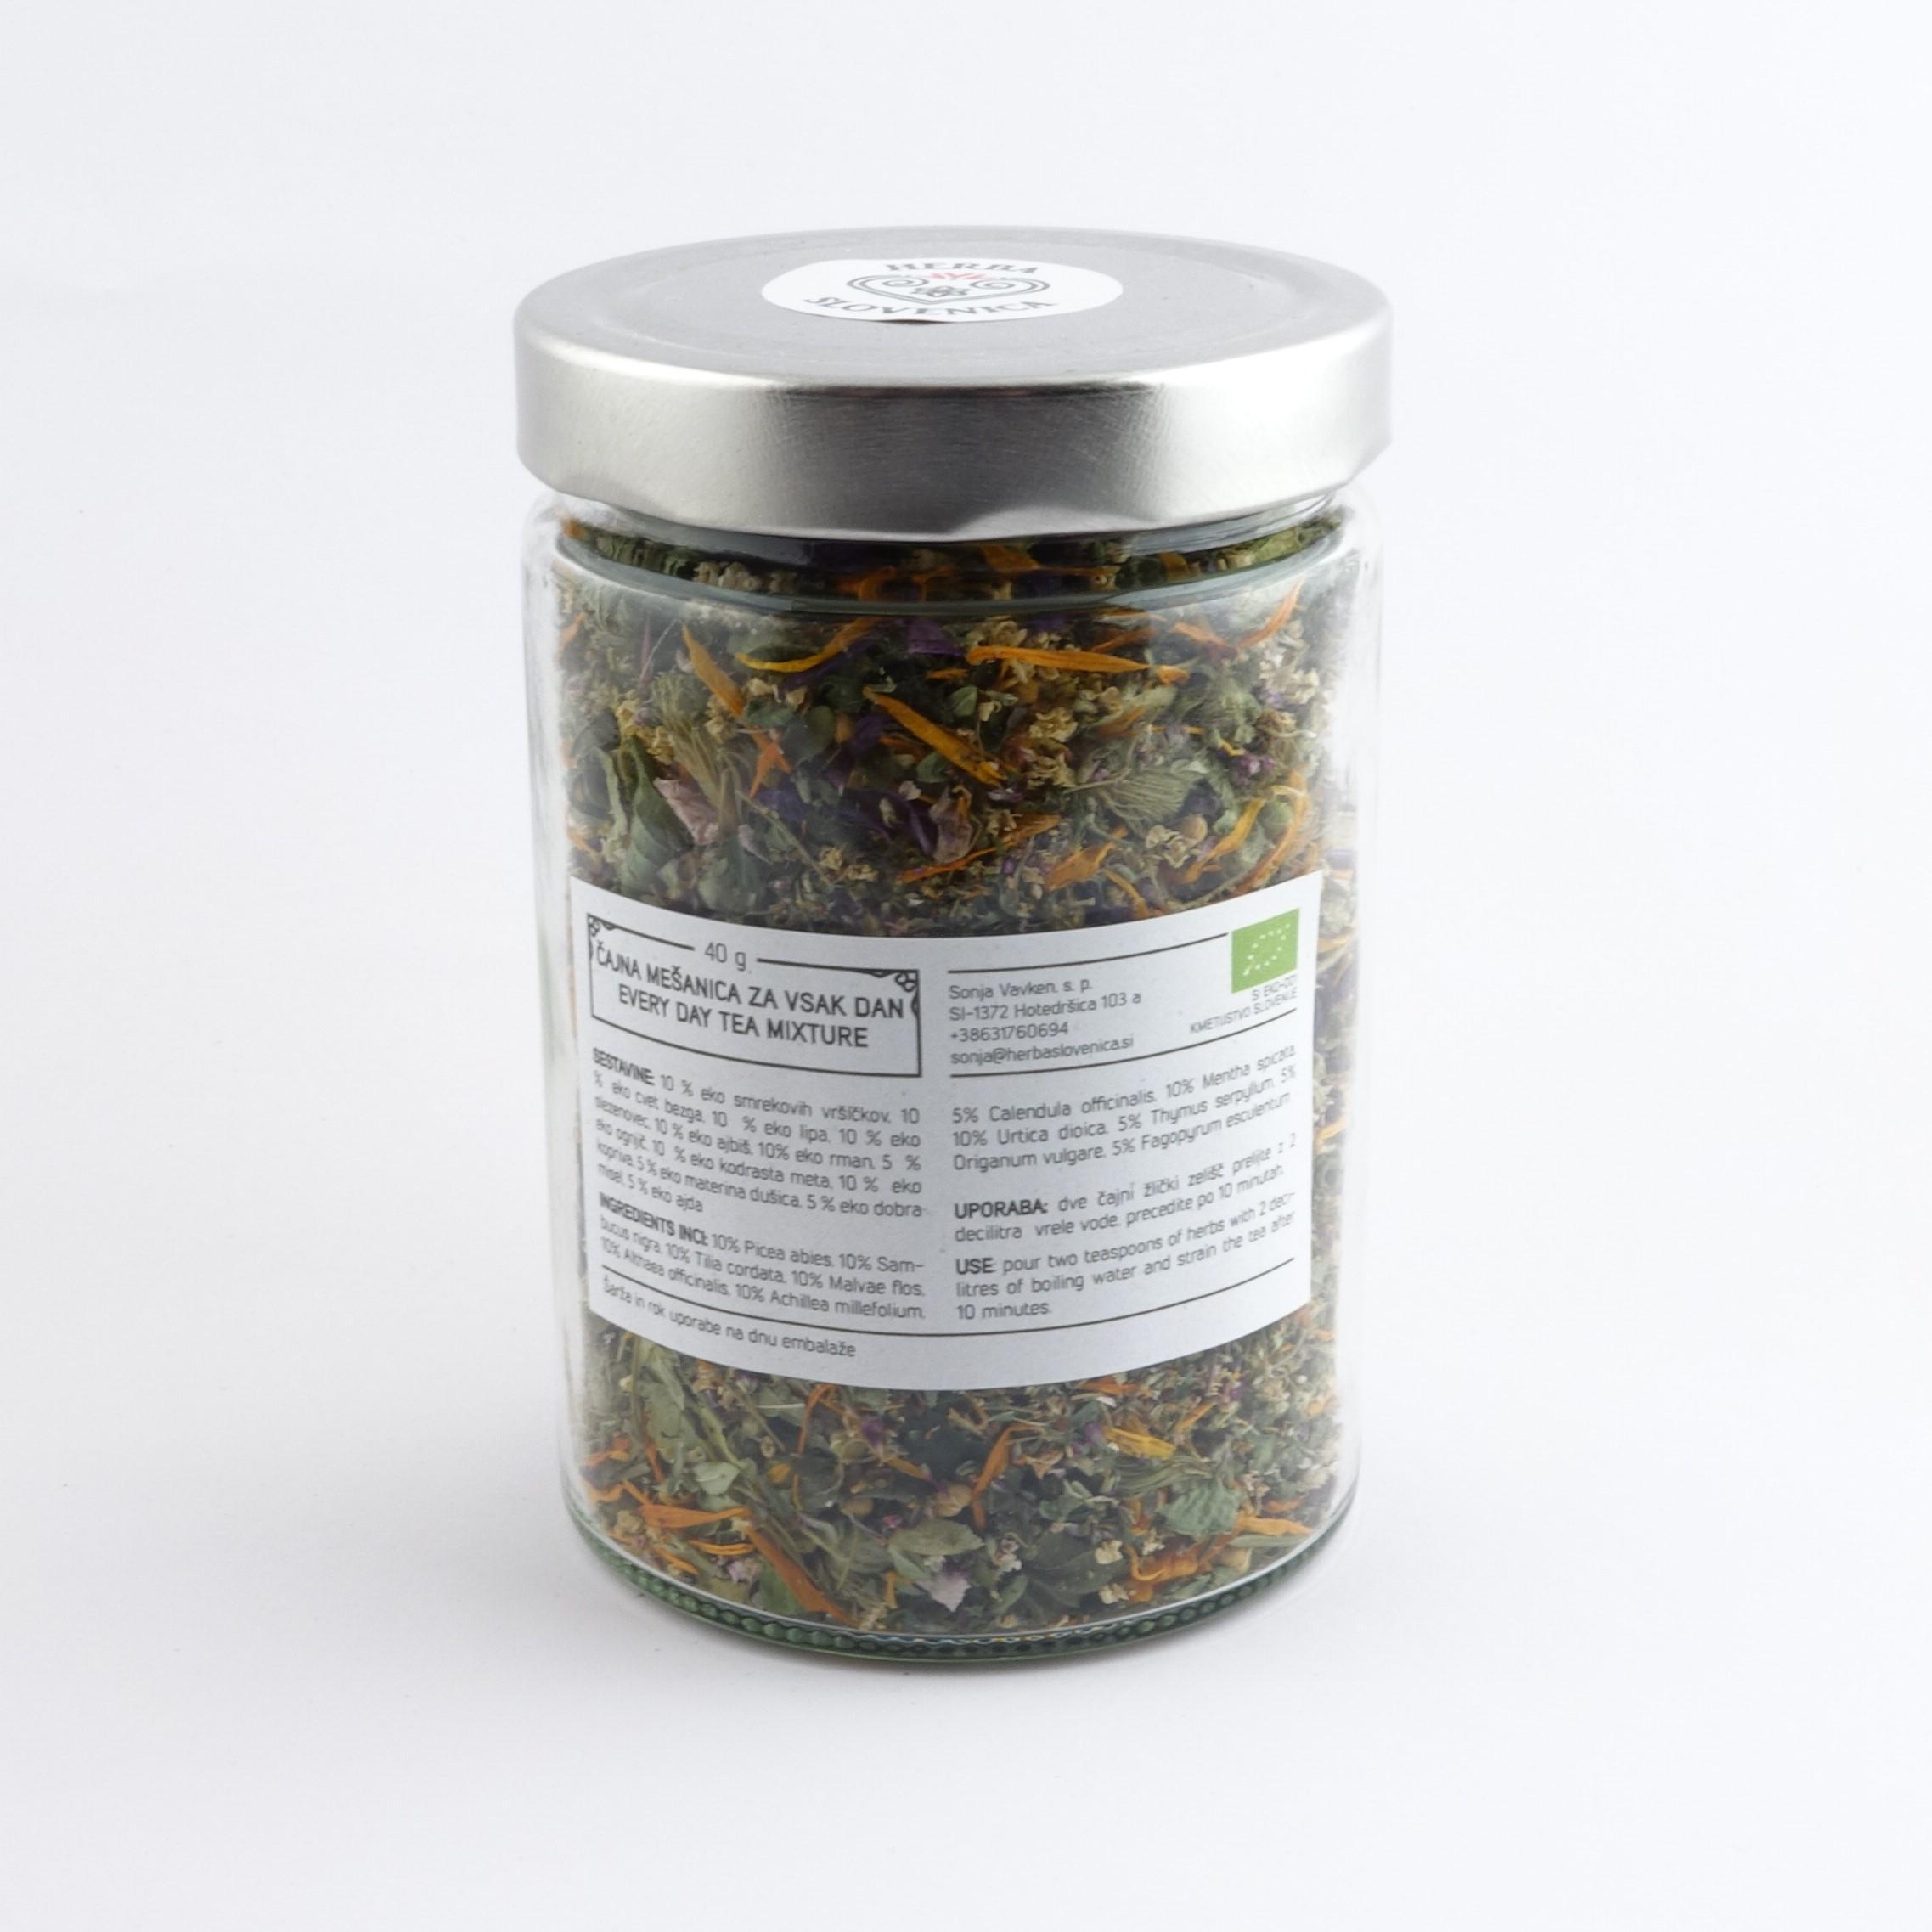 Herba Slovenica Čajna mešanica Za vsak dan